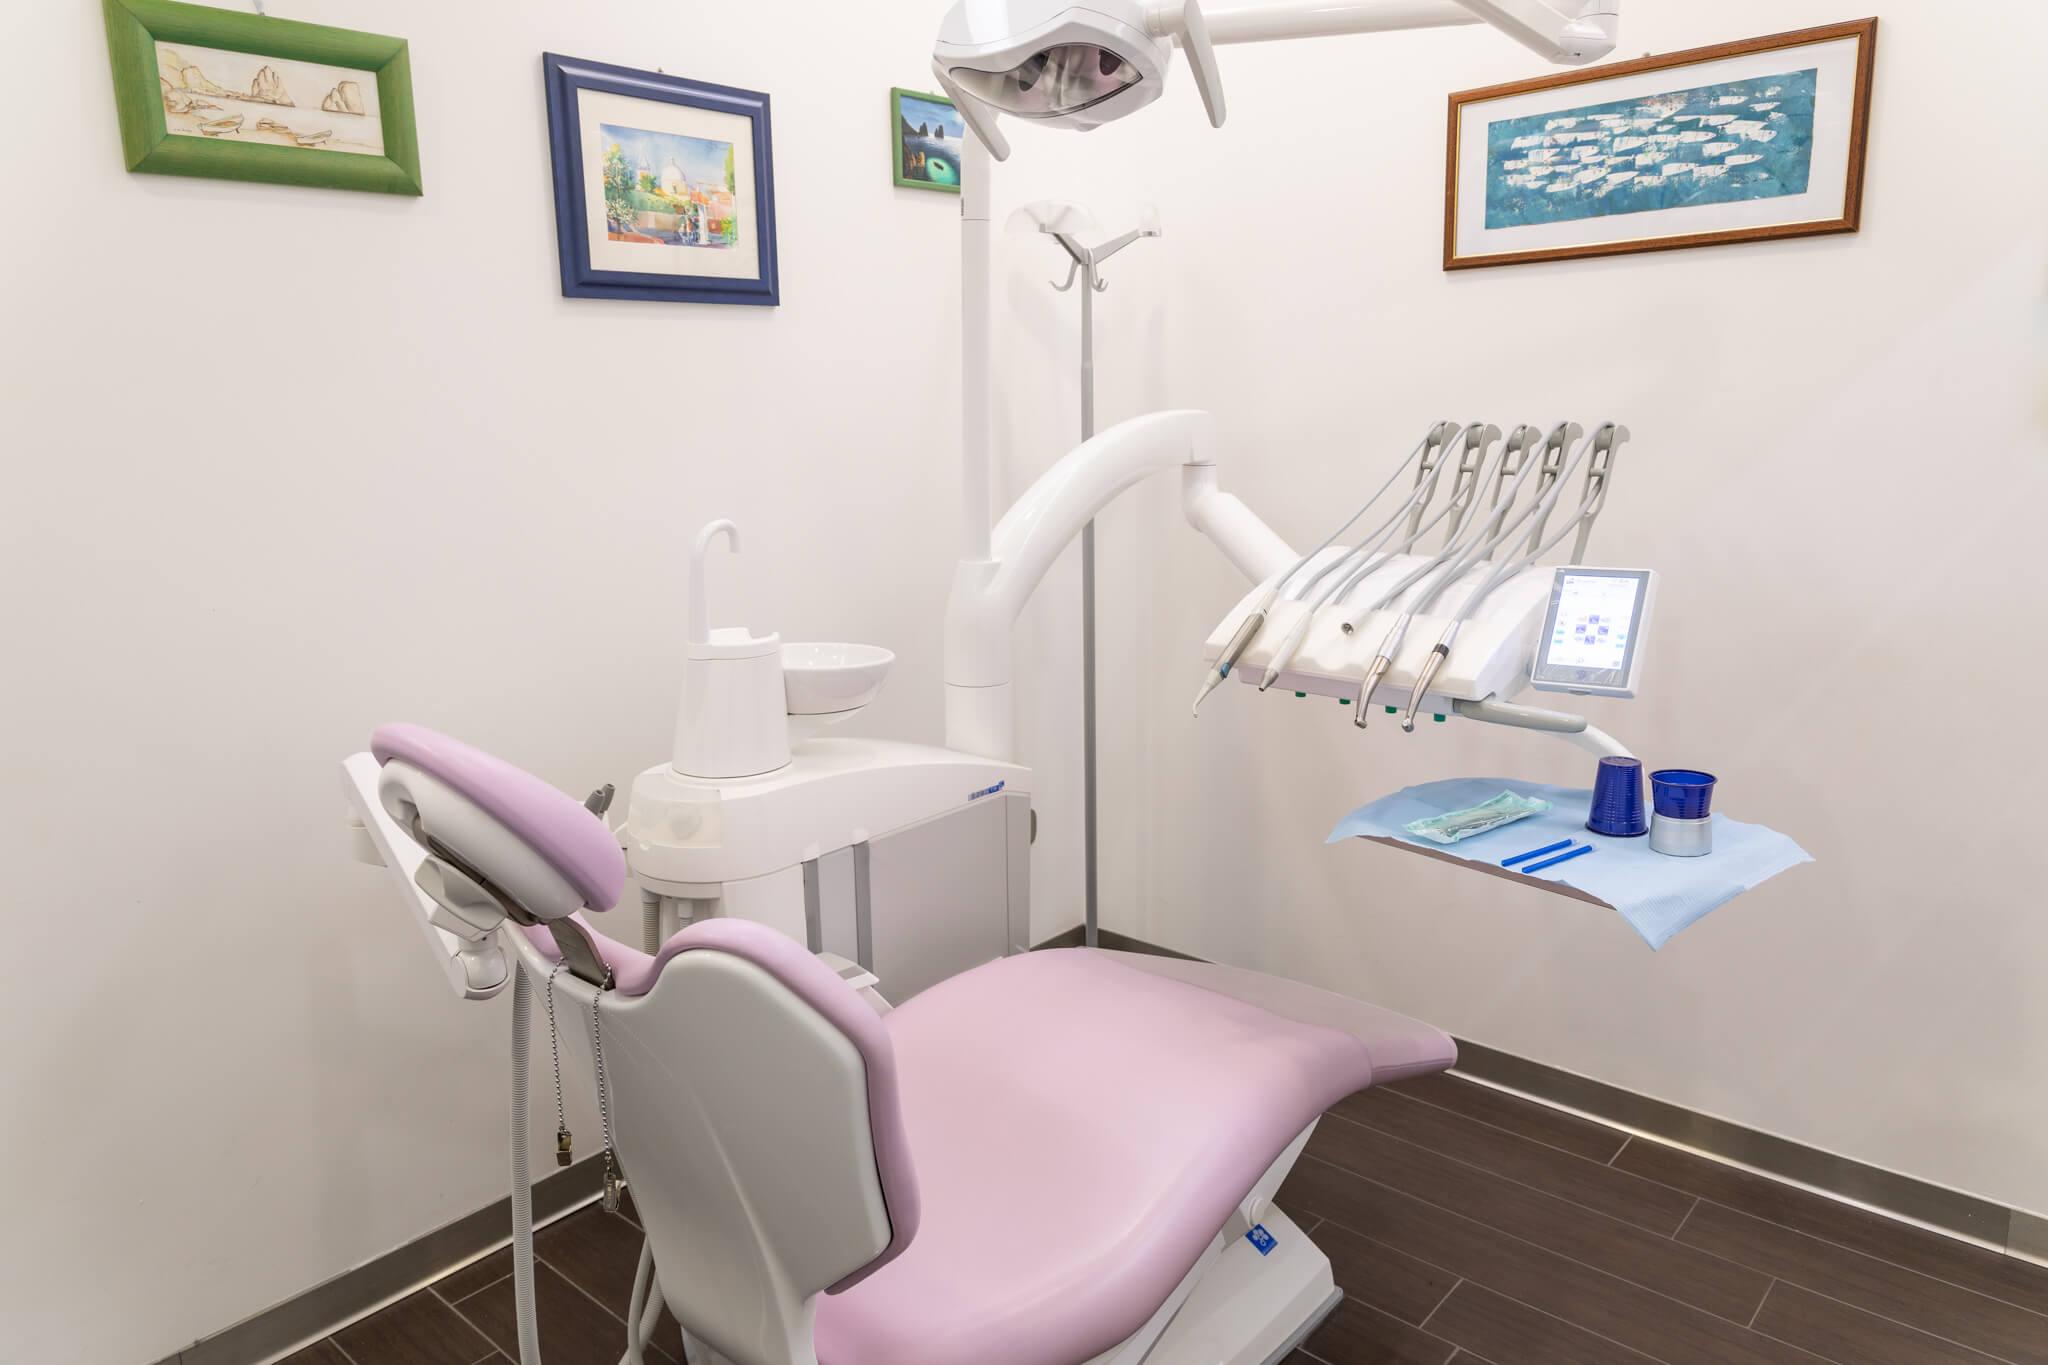 studio de vito odontoiatria digitale sorrento napoli